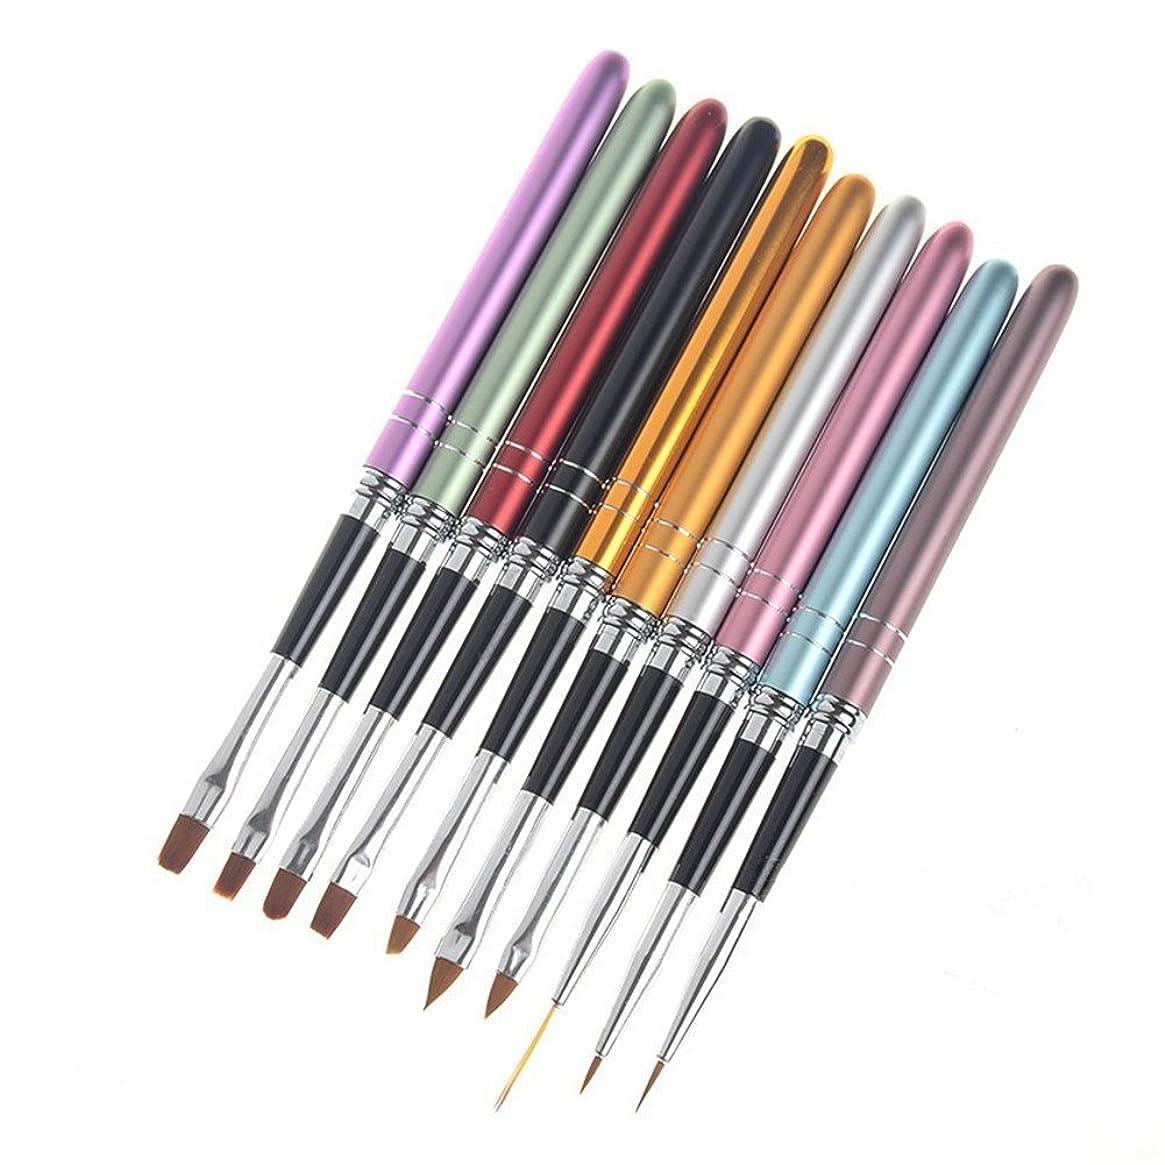 酸化するバスケットボールご注意10本/セット ネイルブラシセット ジェルネイル絵描きブラシなどの UVジュエルネイルツールネイル用品